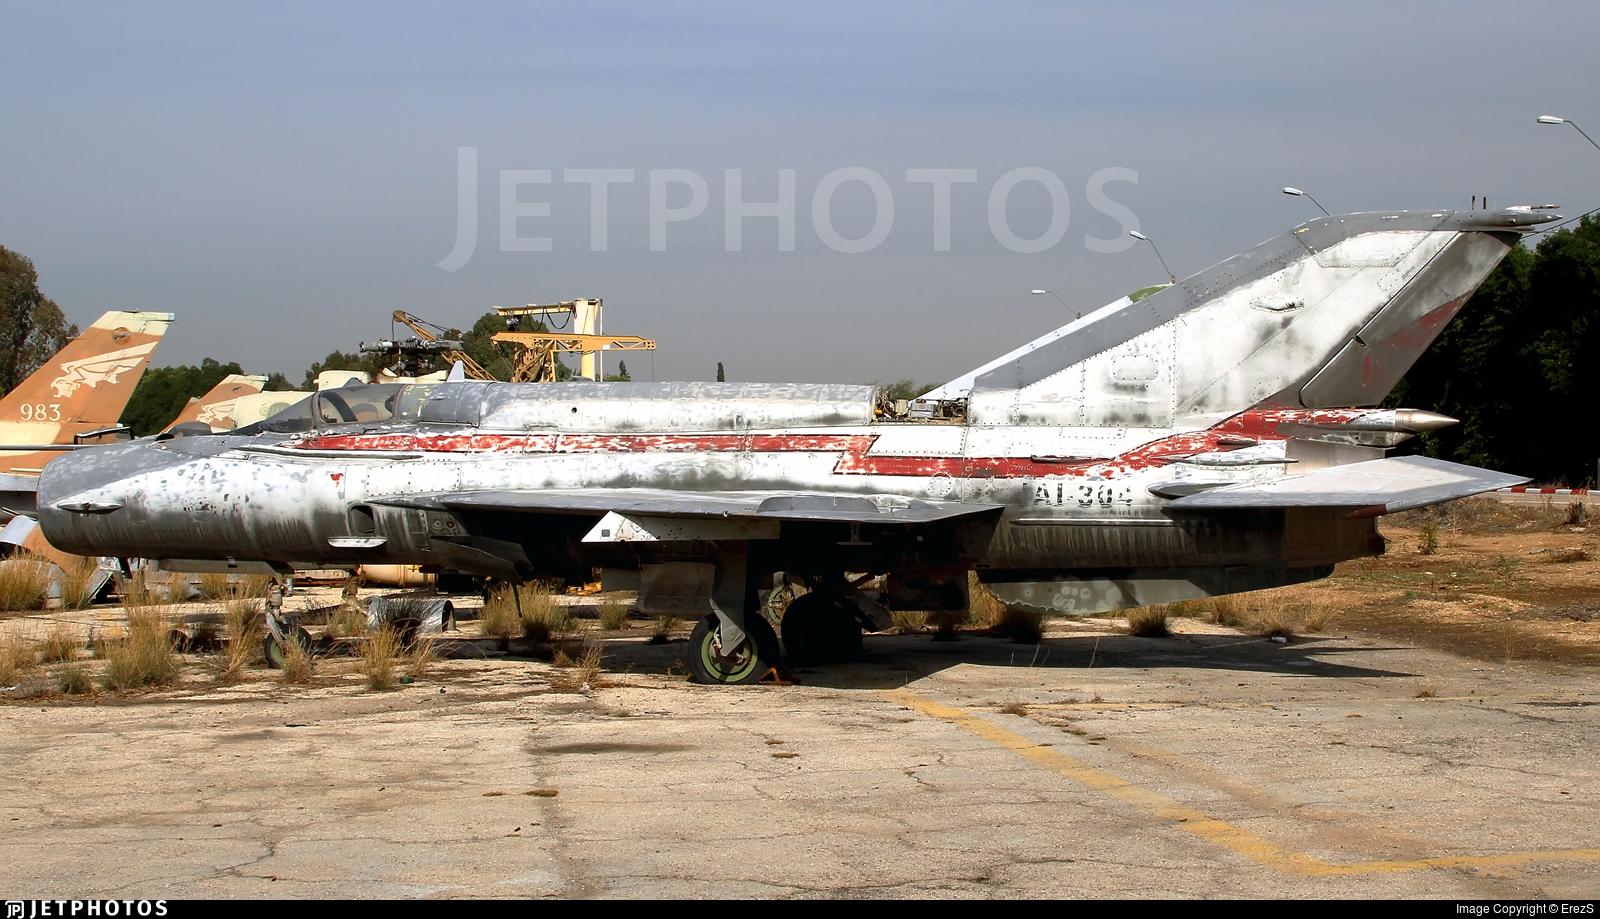 IAI304 - Mikoyan-Gurevich MiG-21bis Fishbed L - Israel Aerospace Industries (IAI)